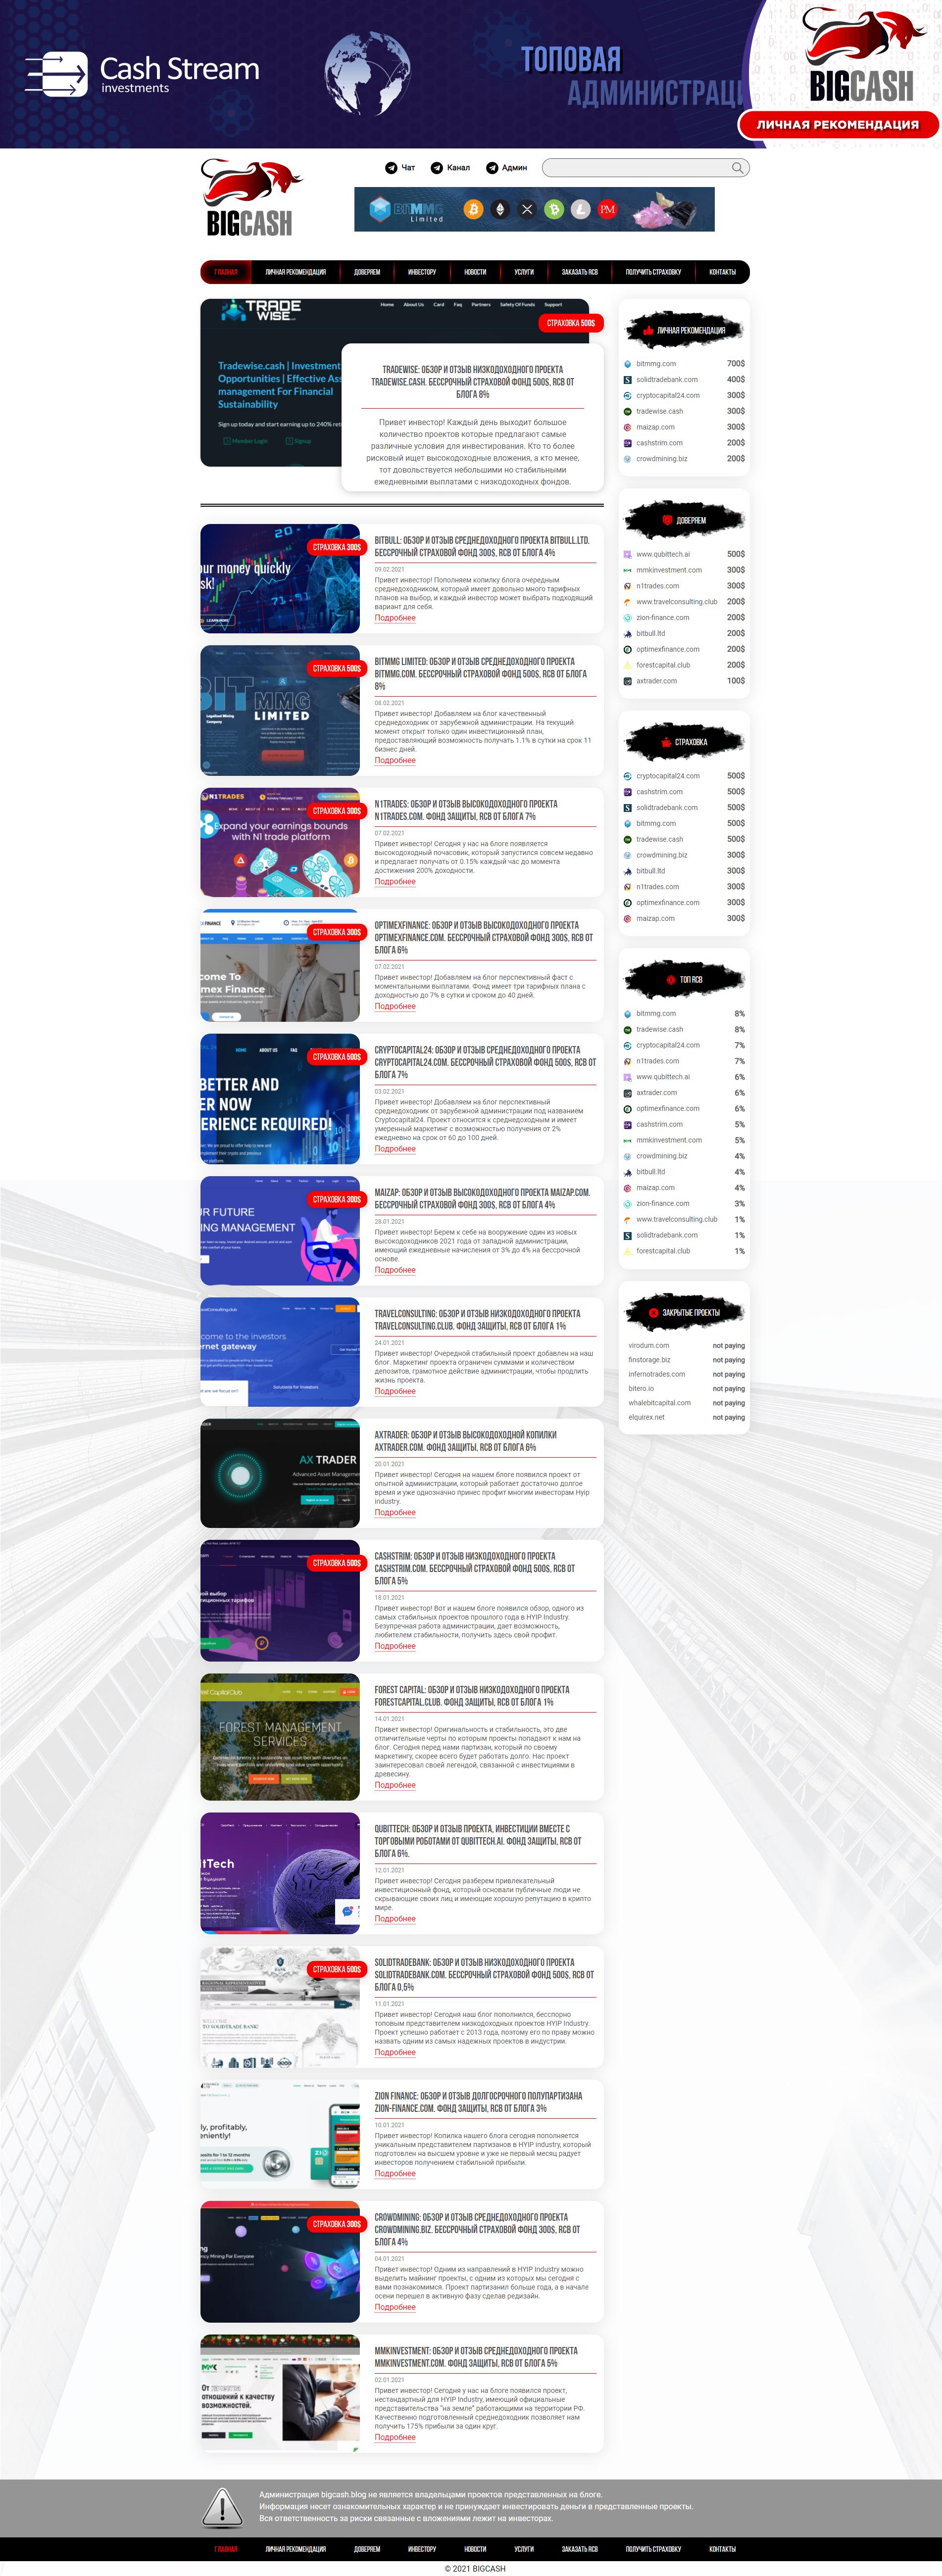 Фото Многостраничный сайт- блог по HYIP проектам. Уникальный дизайн, адаптивная верстка под экраны всех устройств.